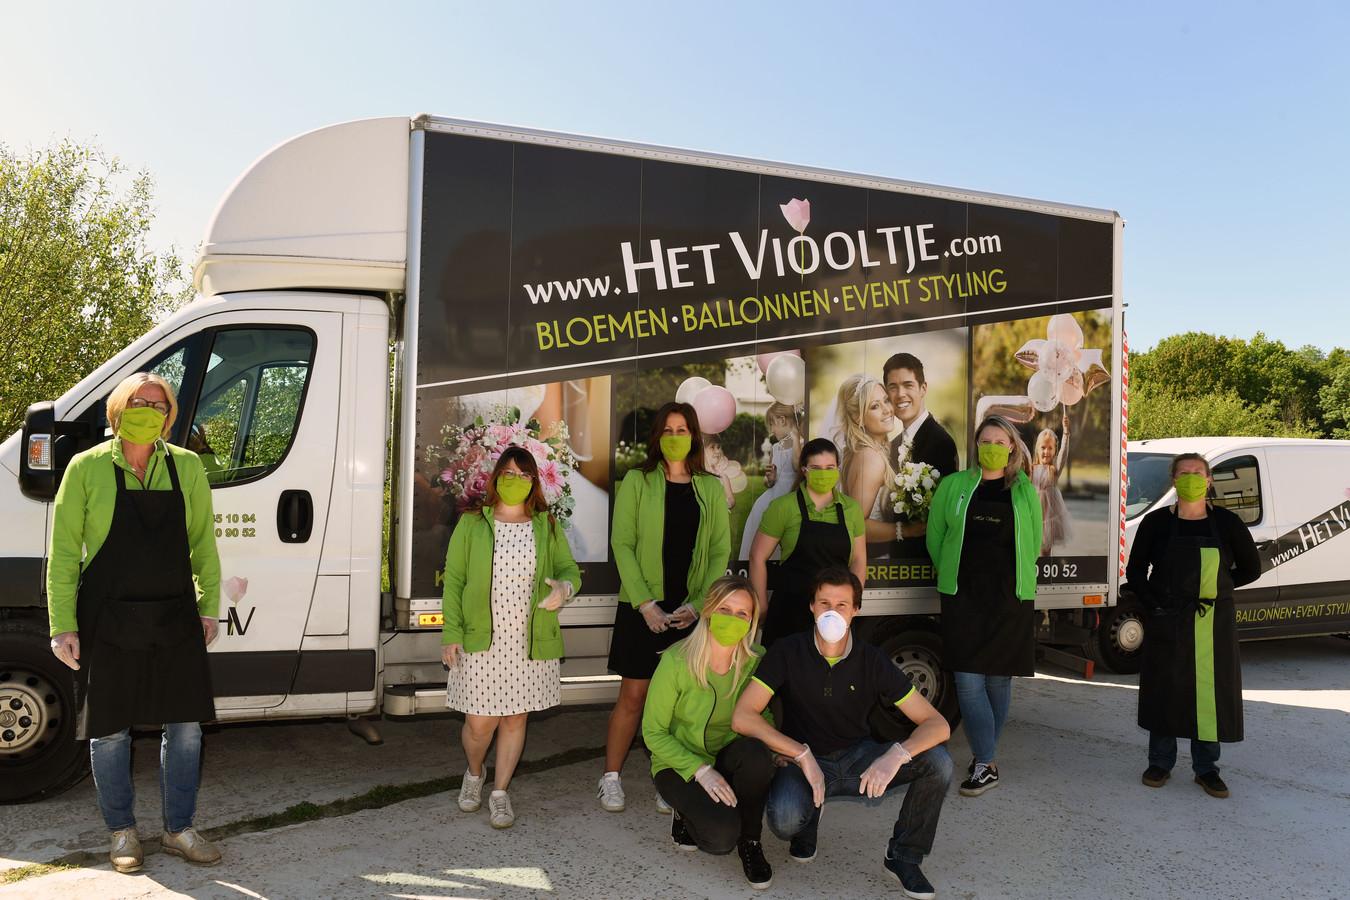 De crew van Het Viooltje voor een bestelwagen.